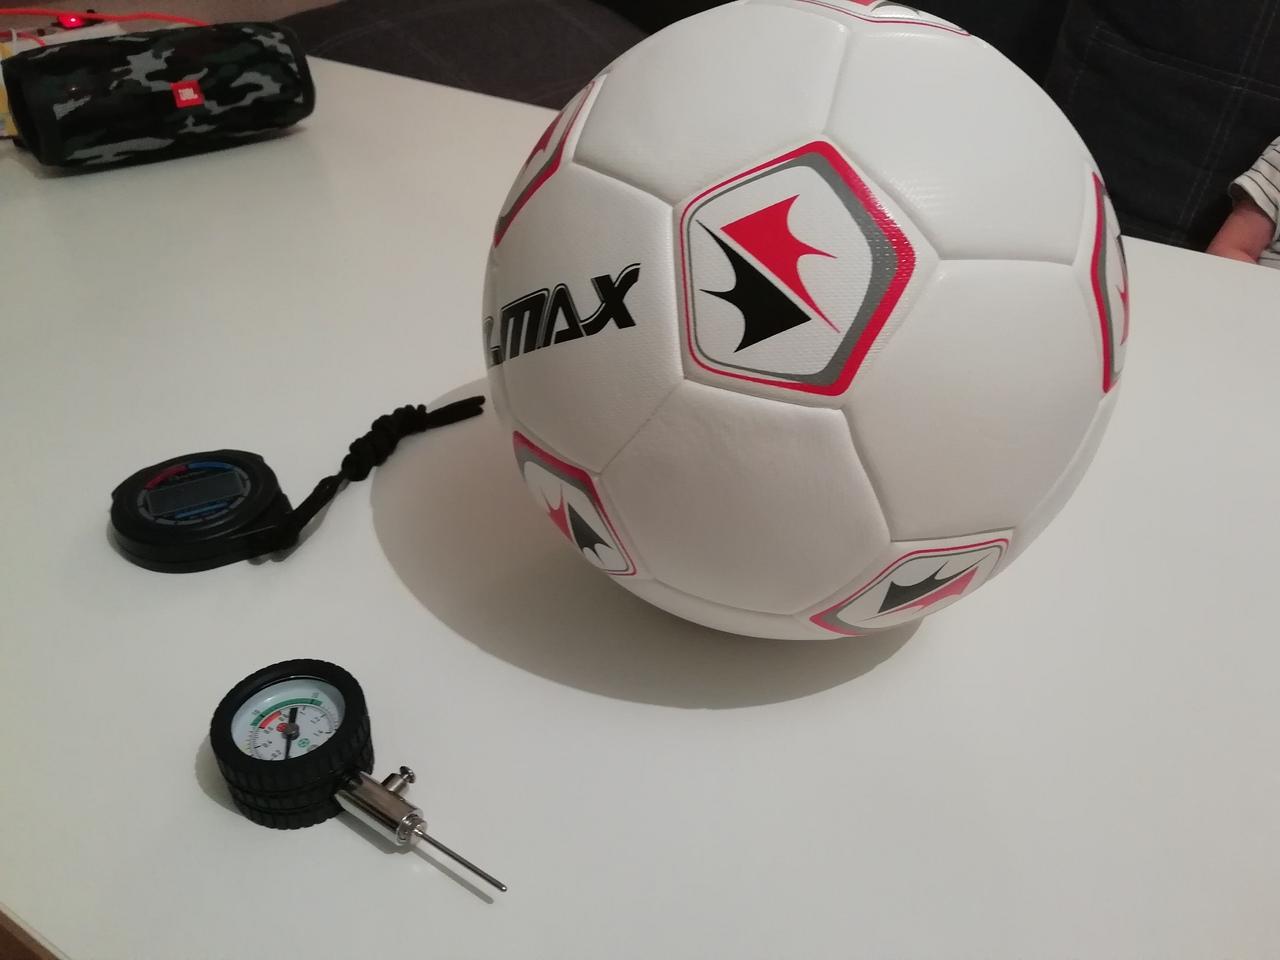 купить футбольный инвентарь для тренировок в самаре